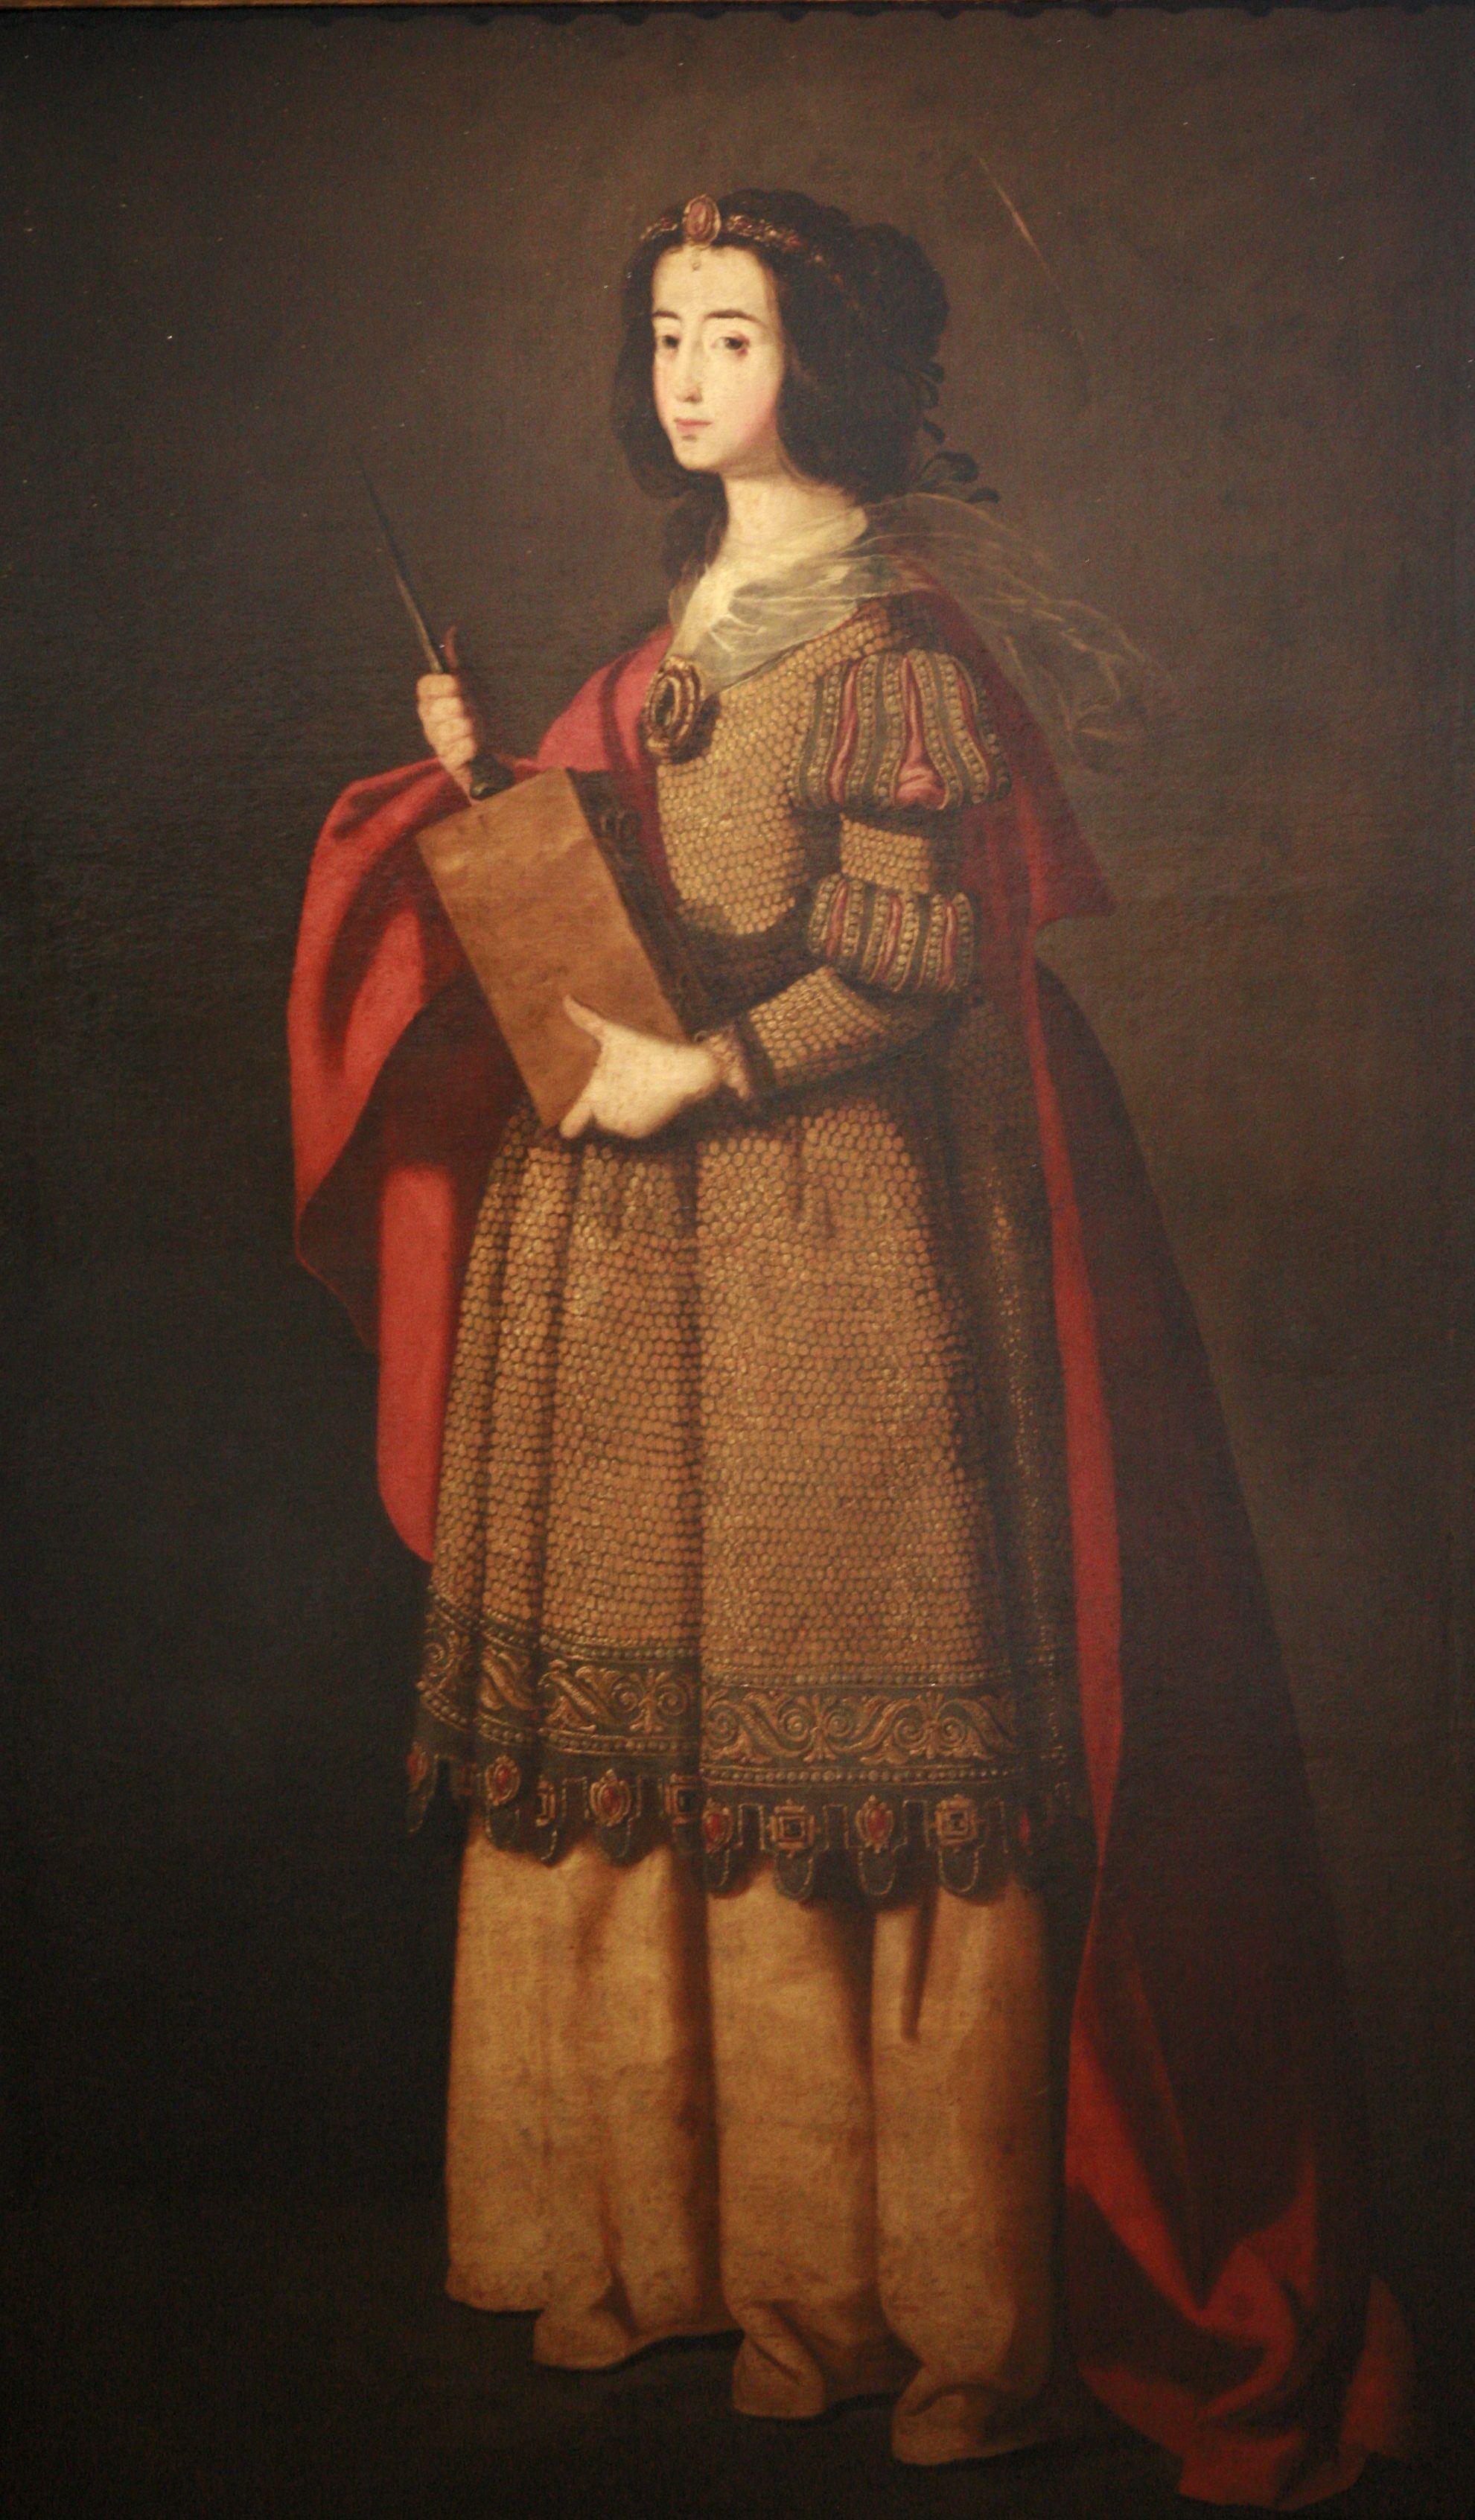 St. Casilda of Toledo, 1640 - Francisco de Zurbaran